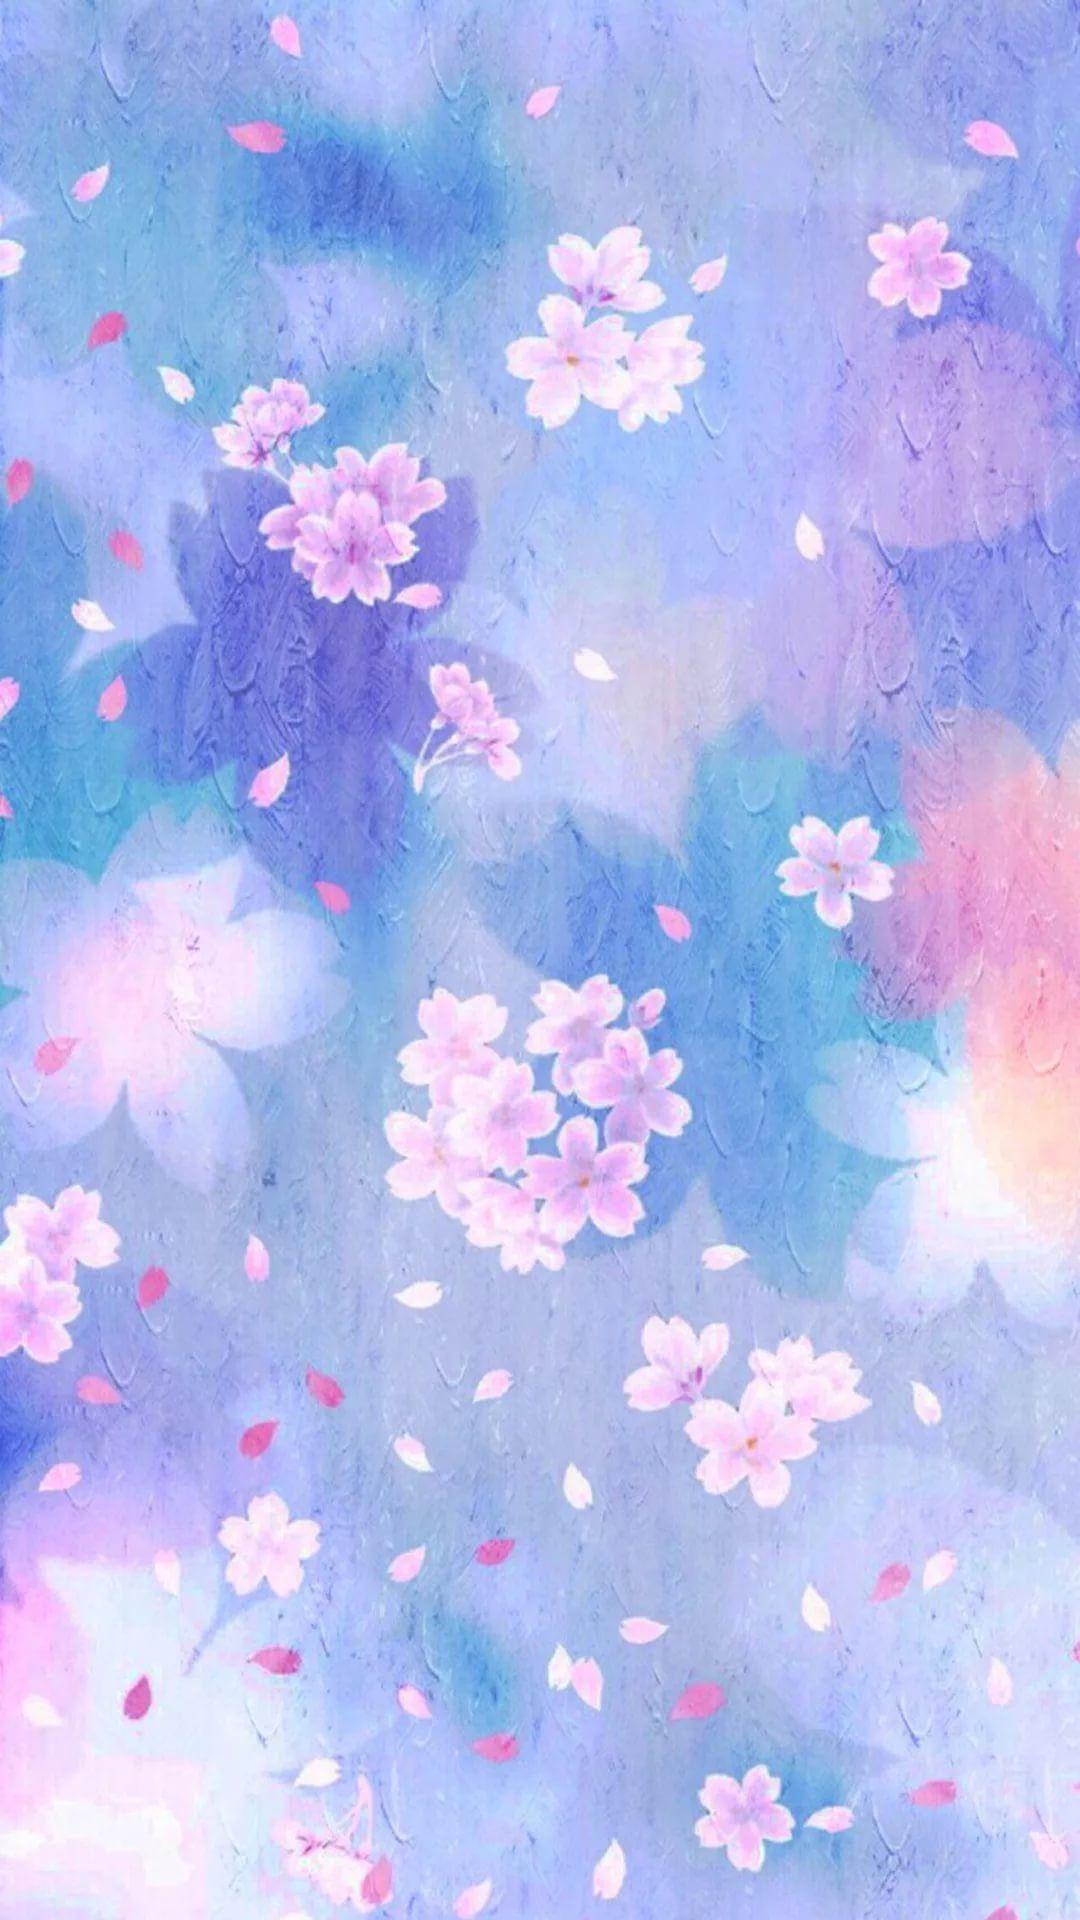 Watercolor iPhone hd wallpaper